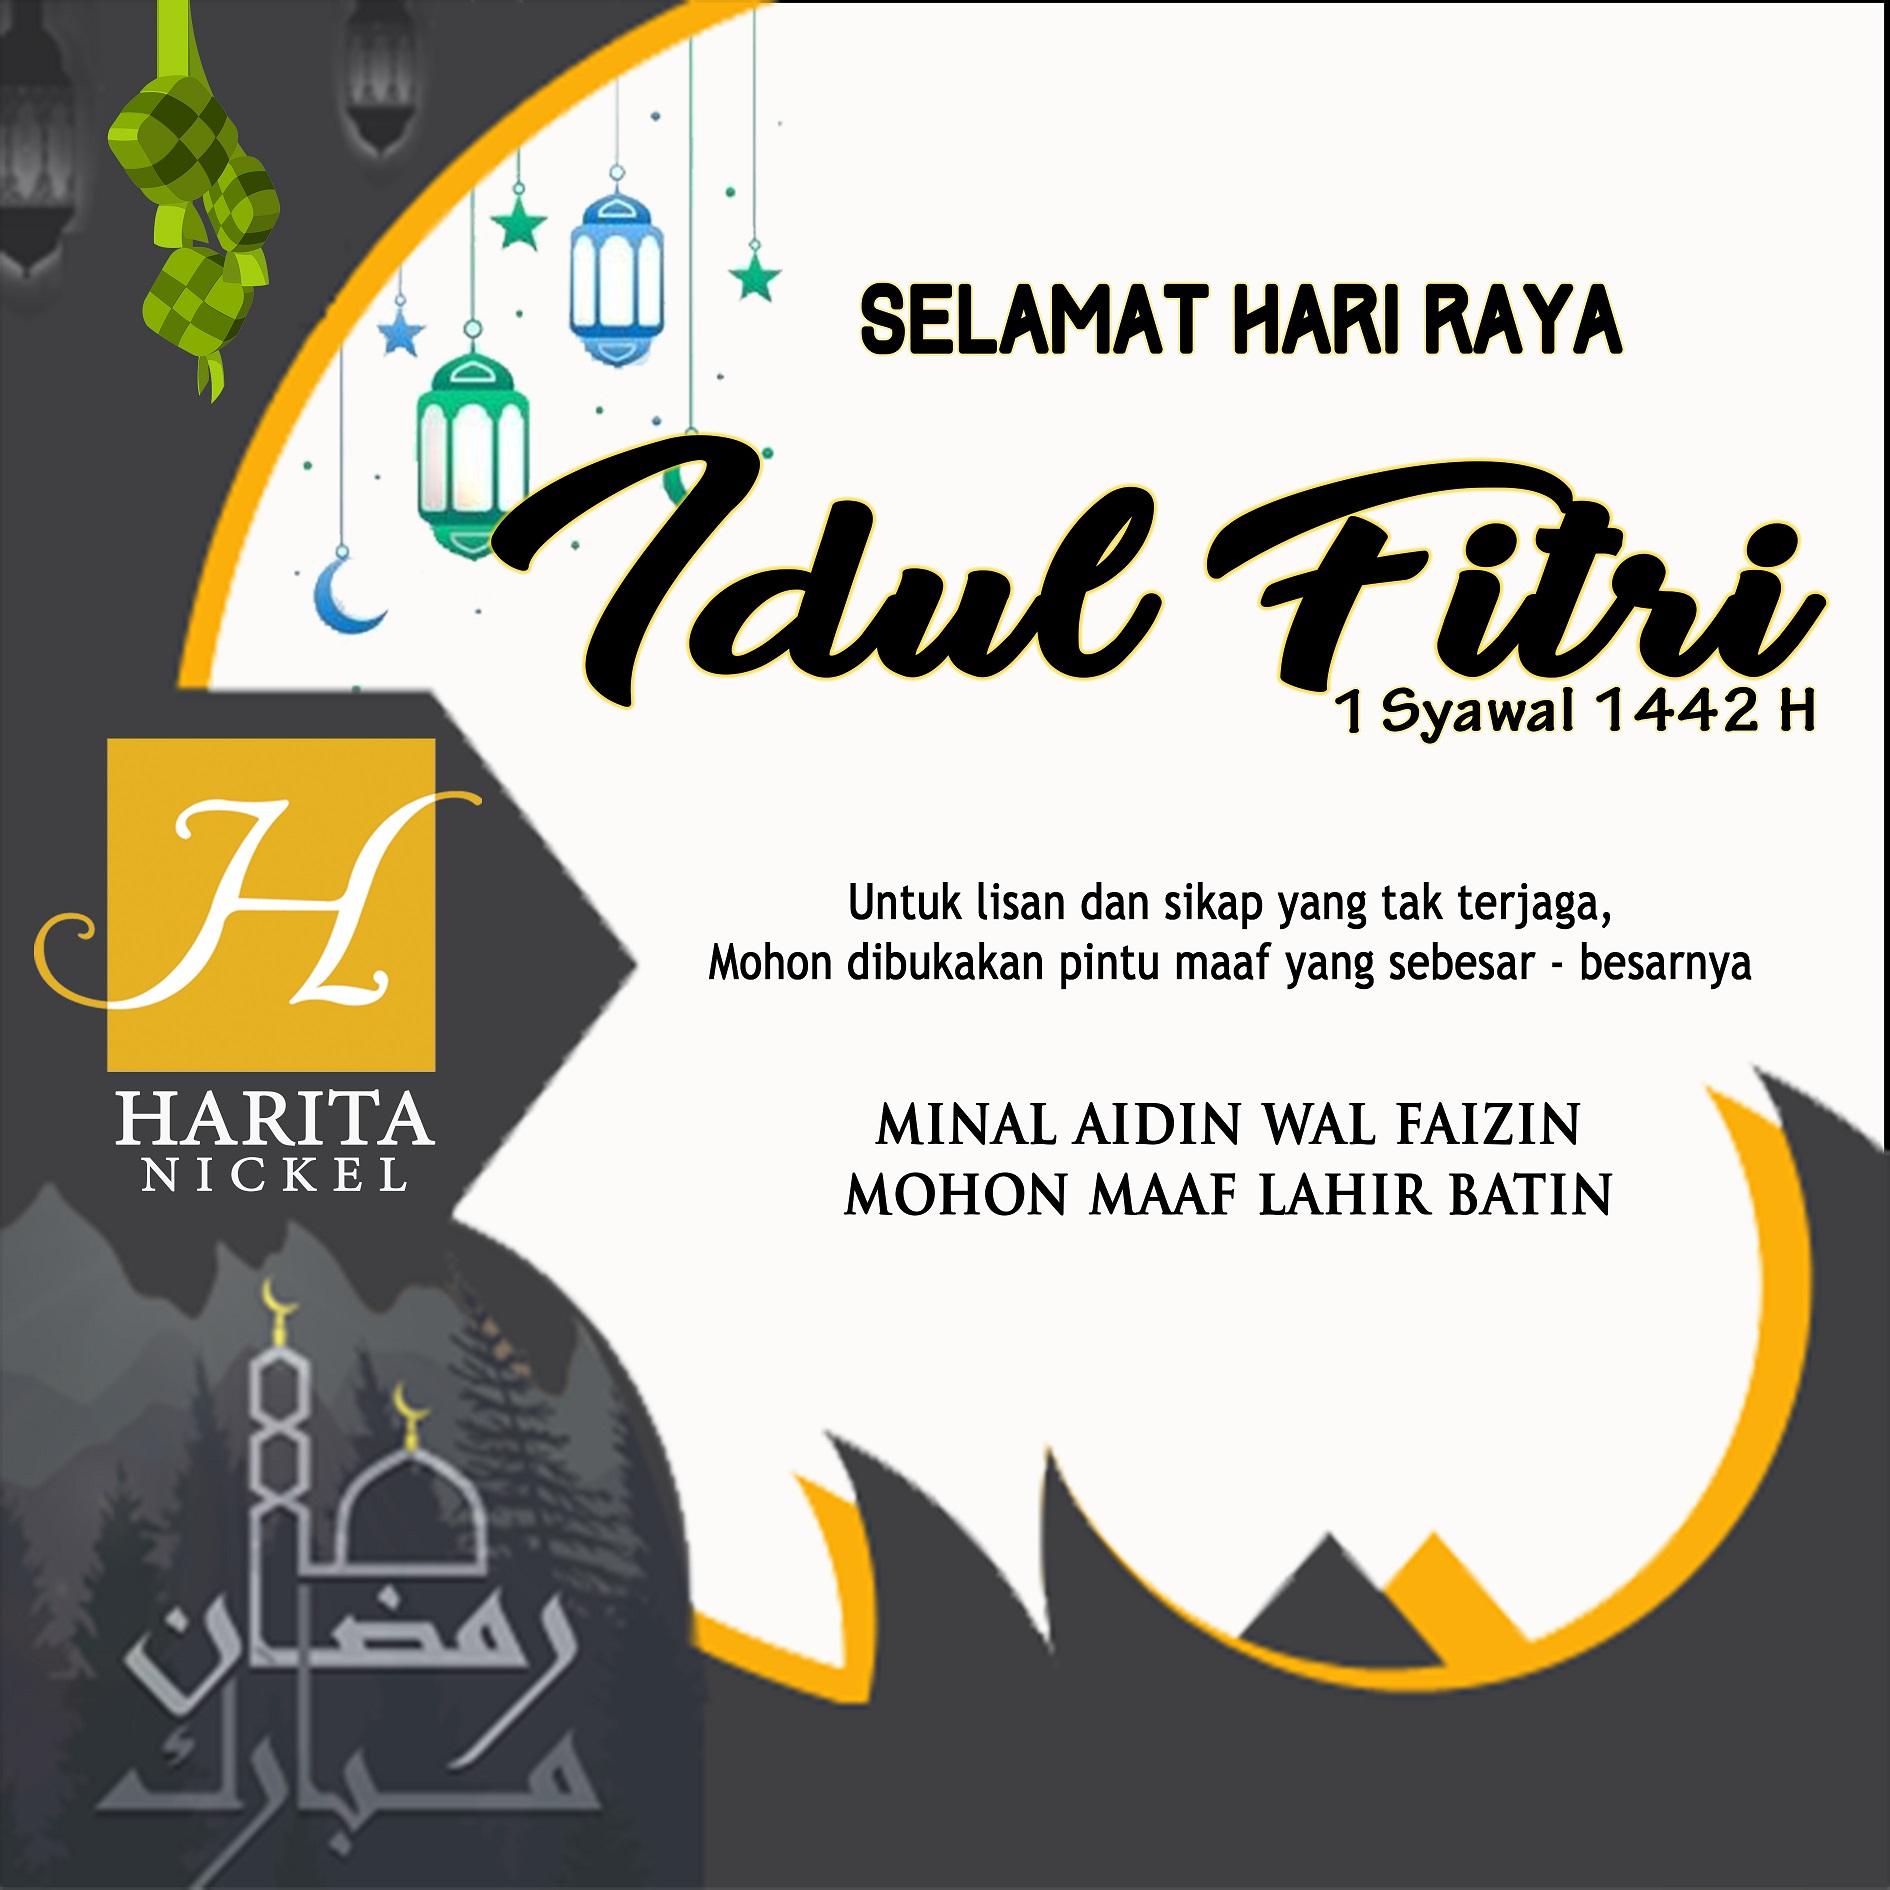 Harita Nickel Selamat Hari Raya Idul Fitri 1442 Hijriah